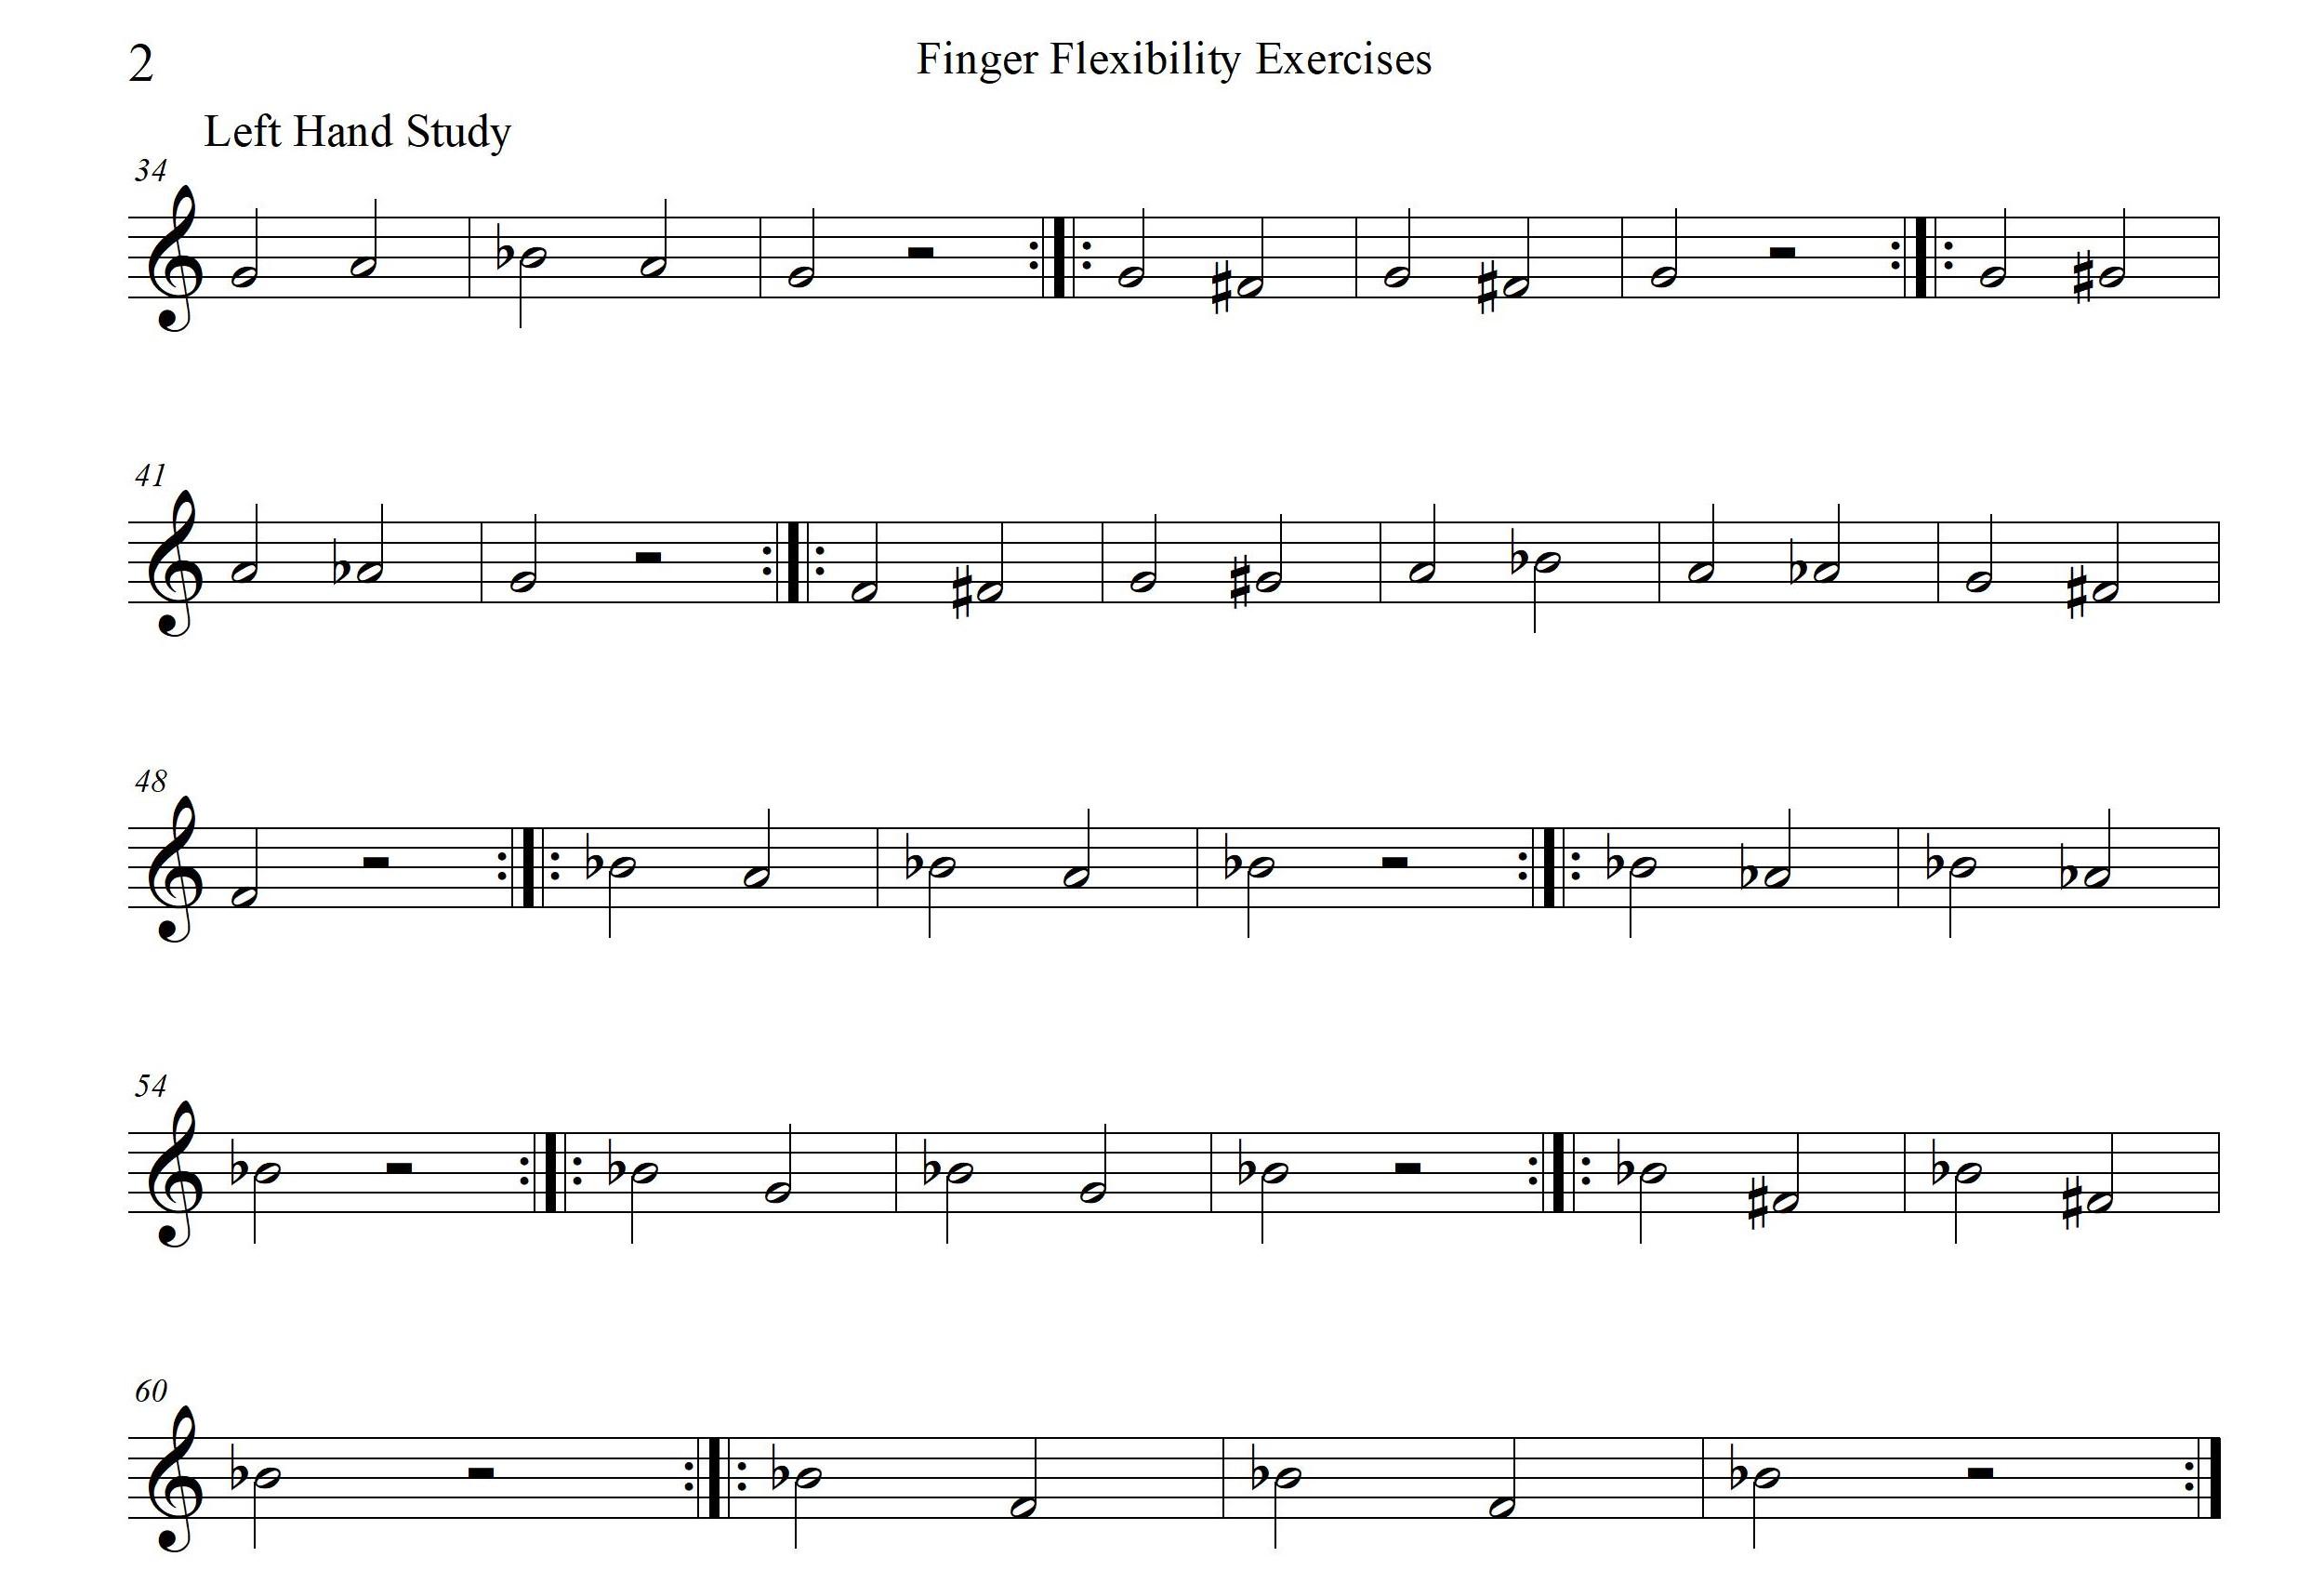 Finger Flexibility Exercises